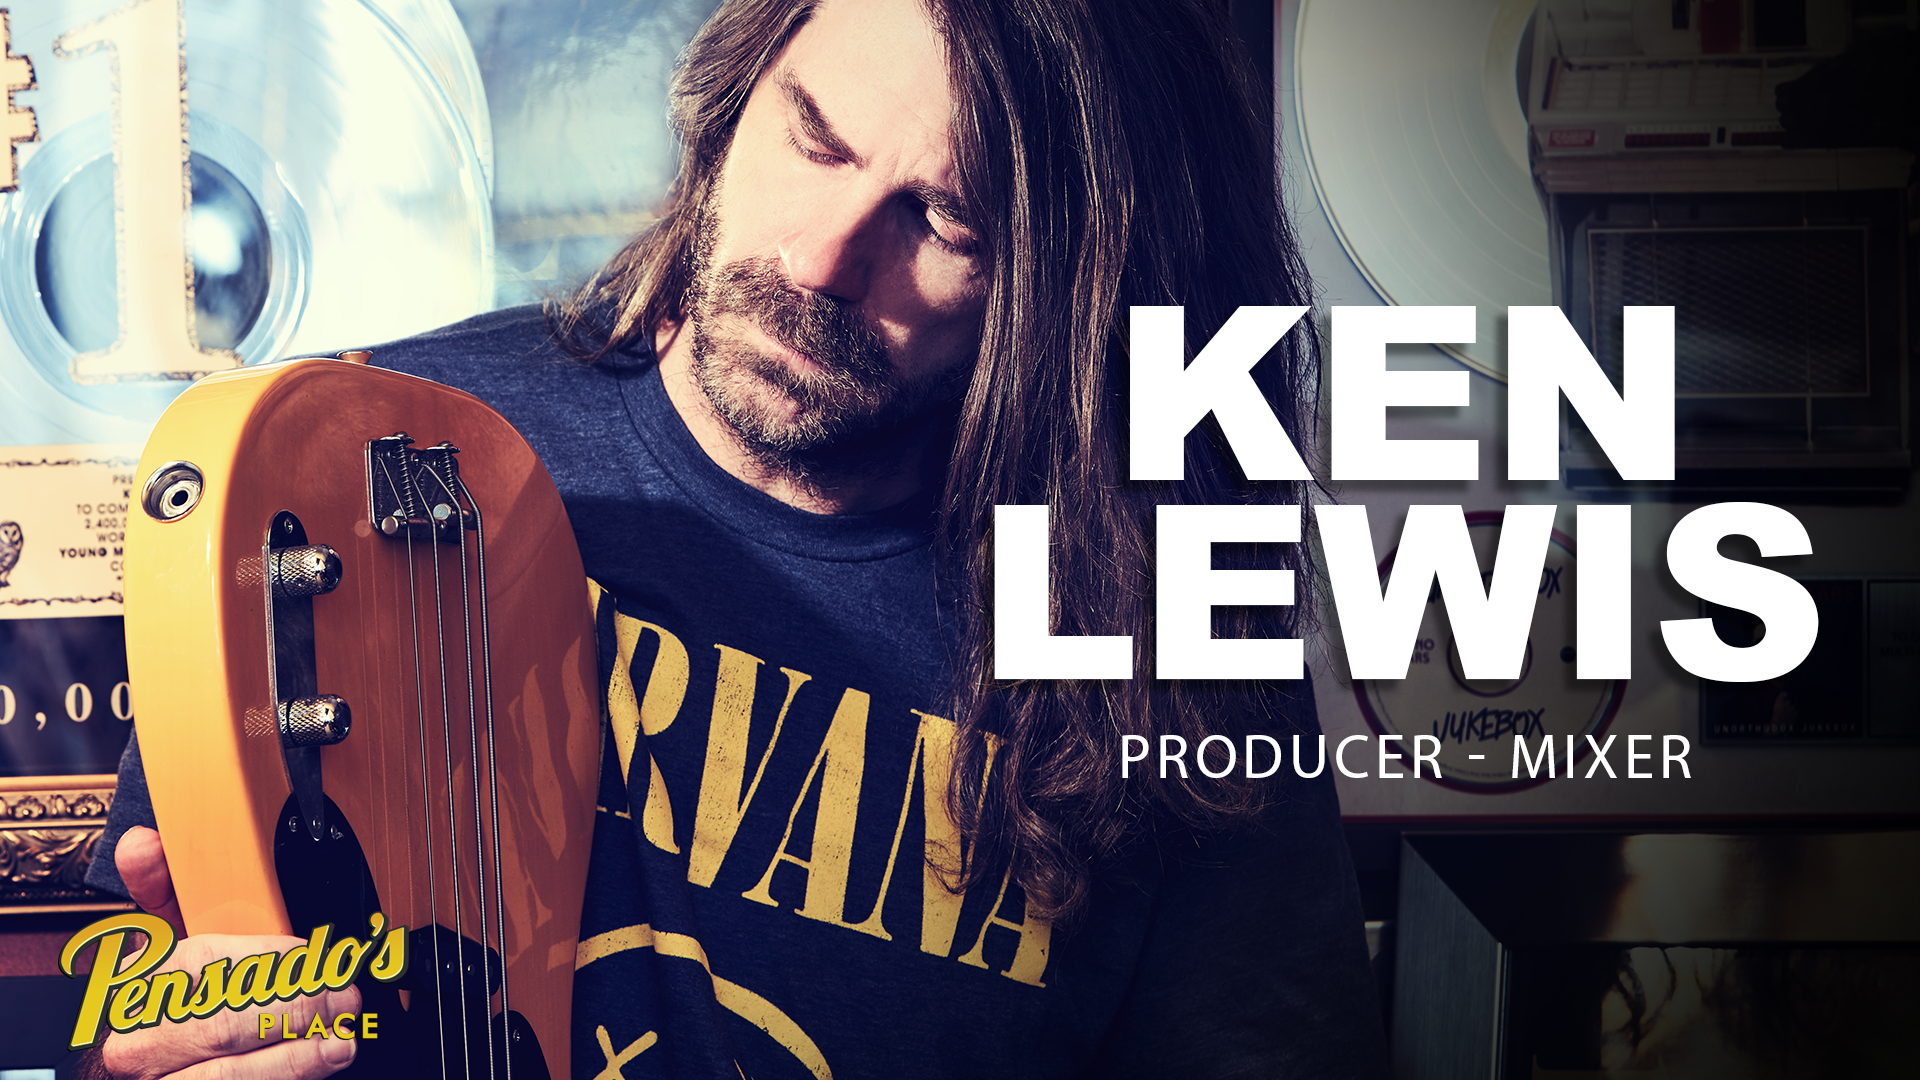 Producer / Mixer, Ken Lewis